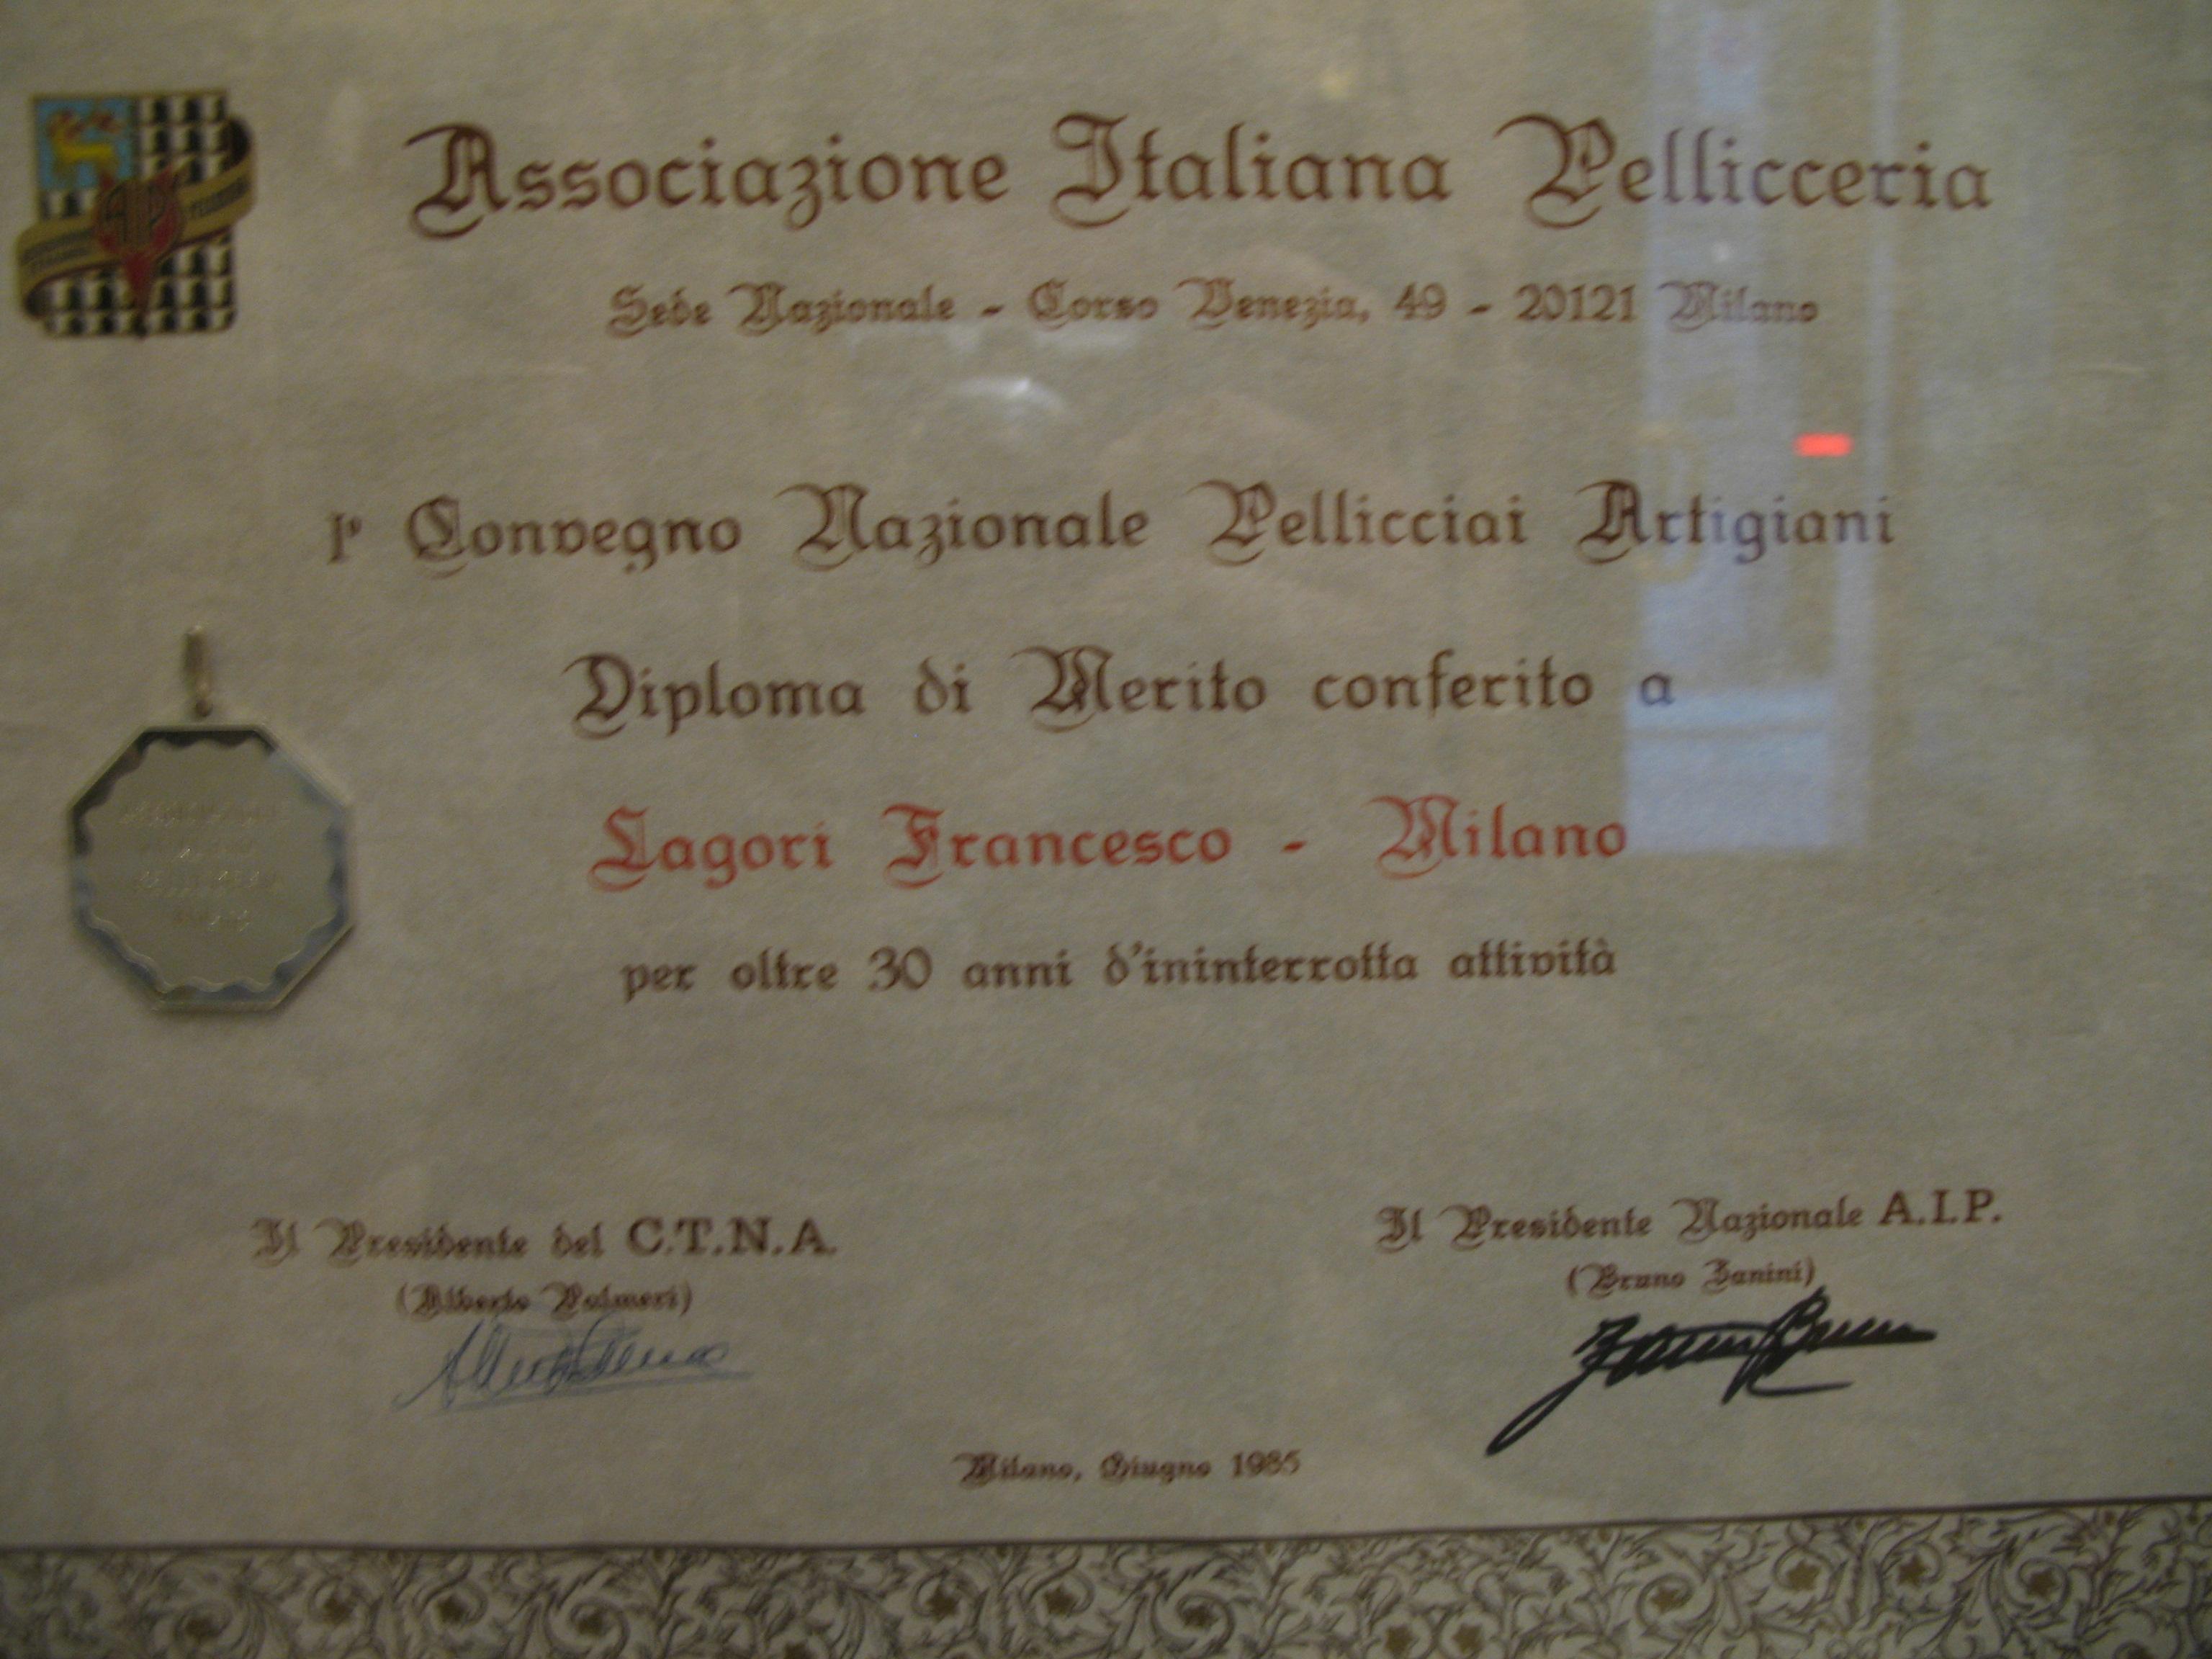 Diploma di merito